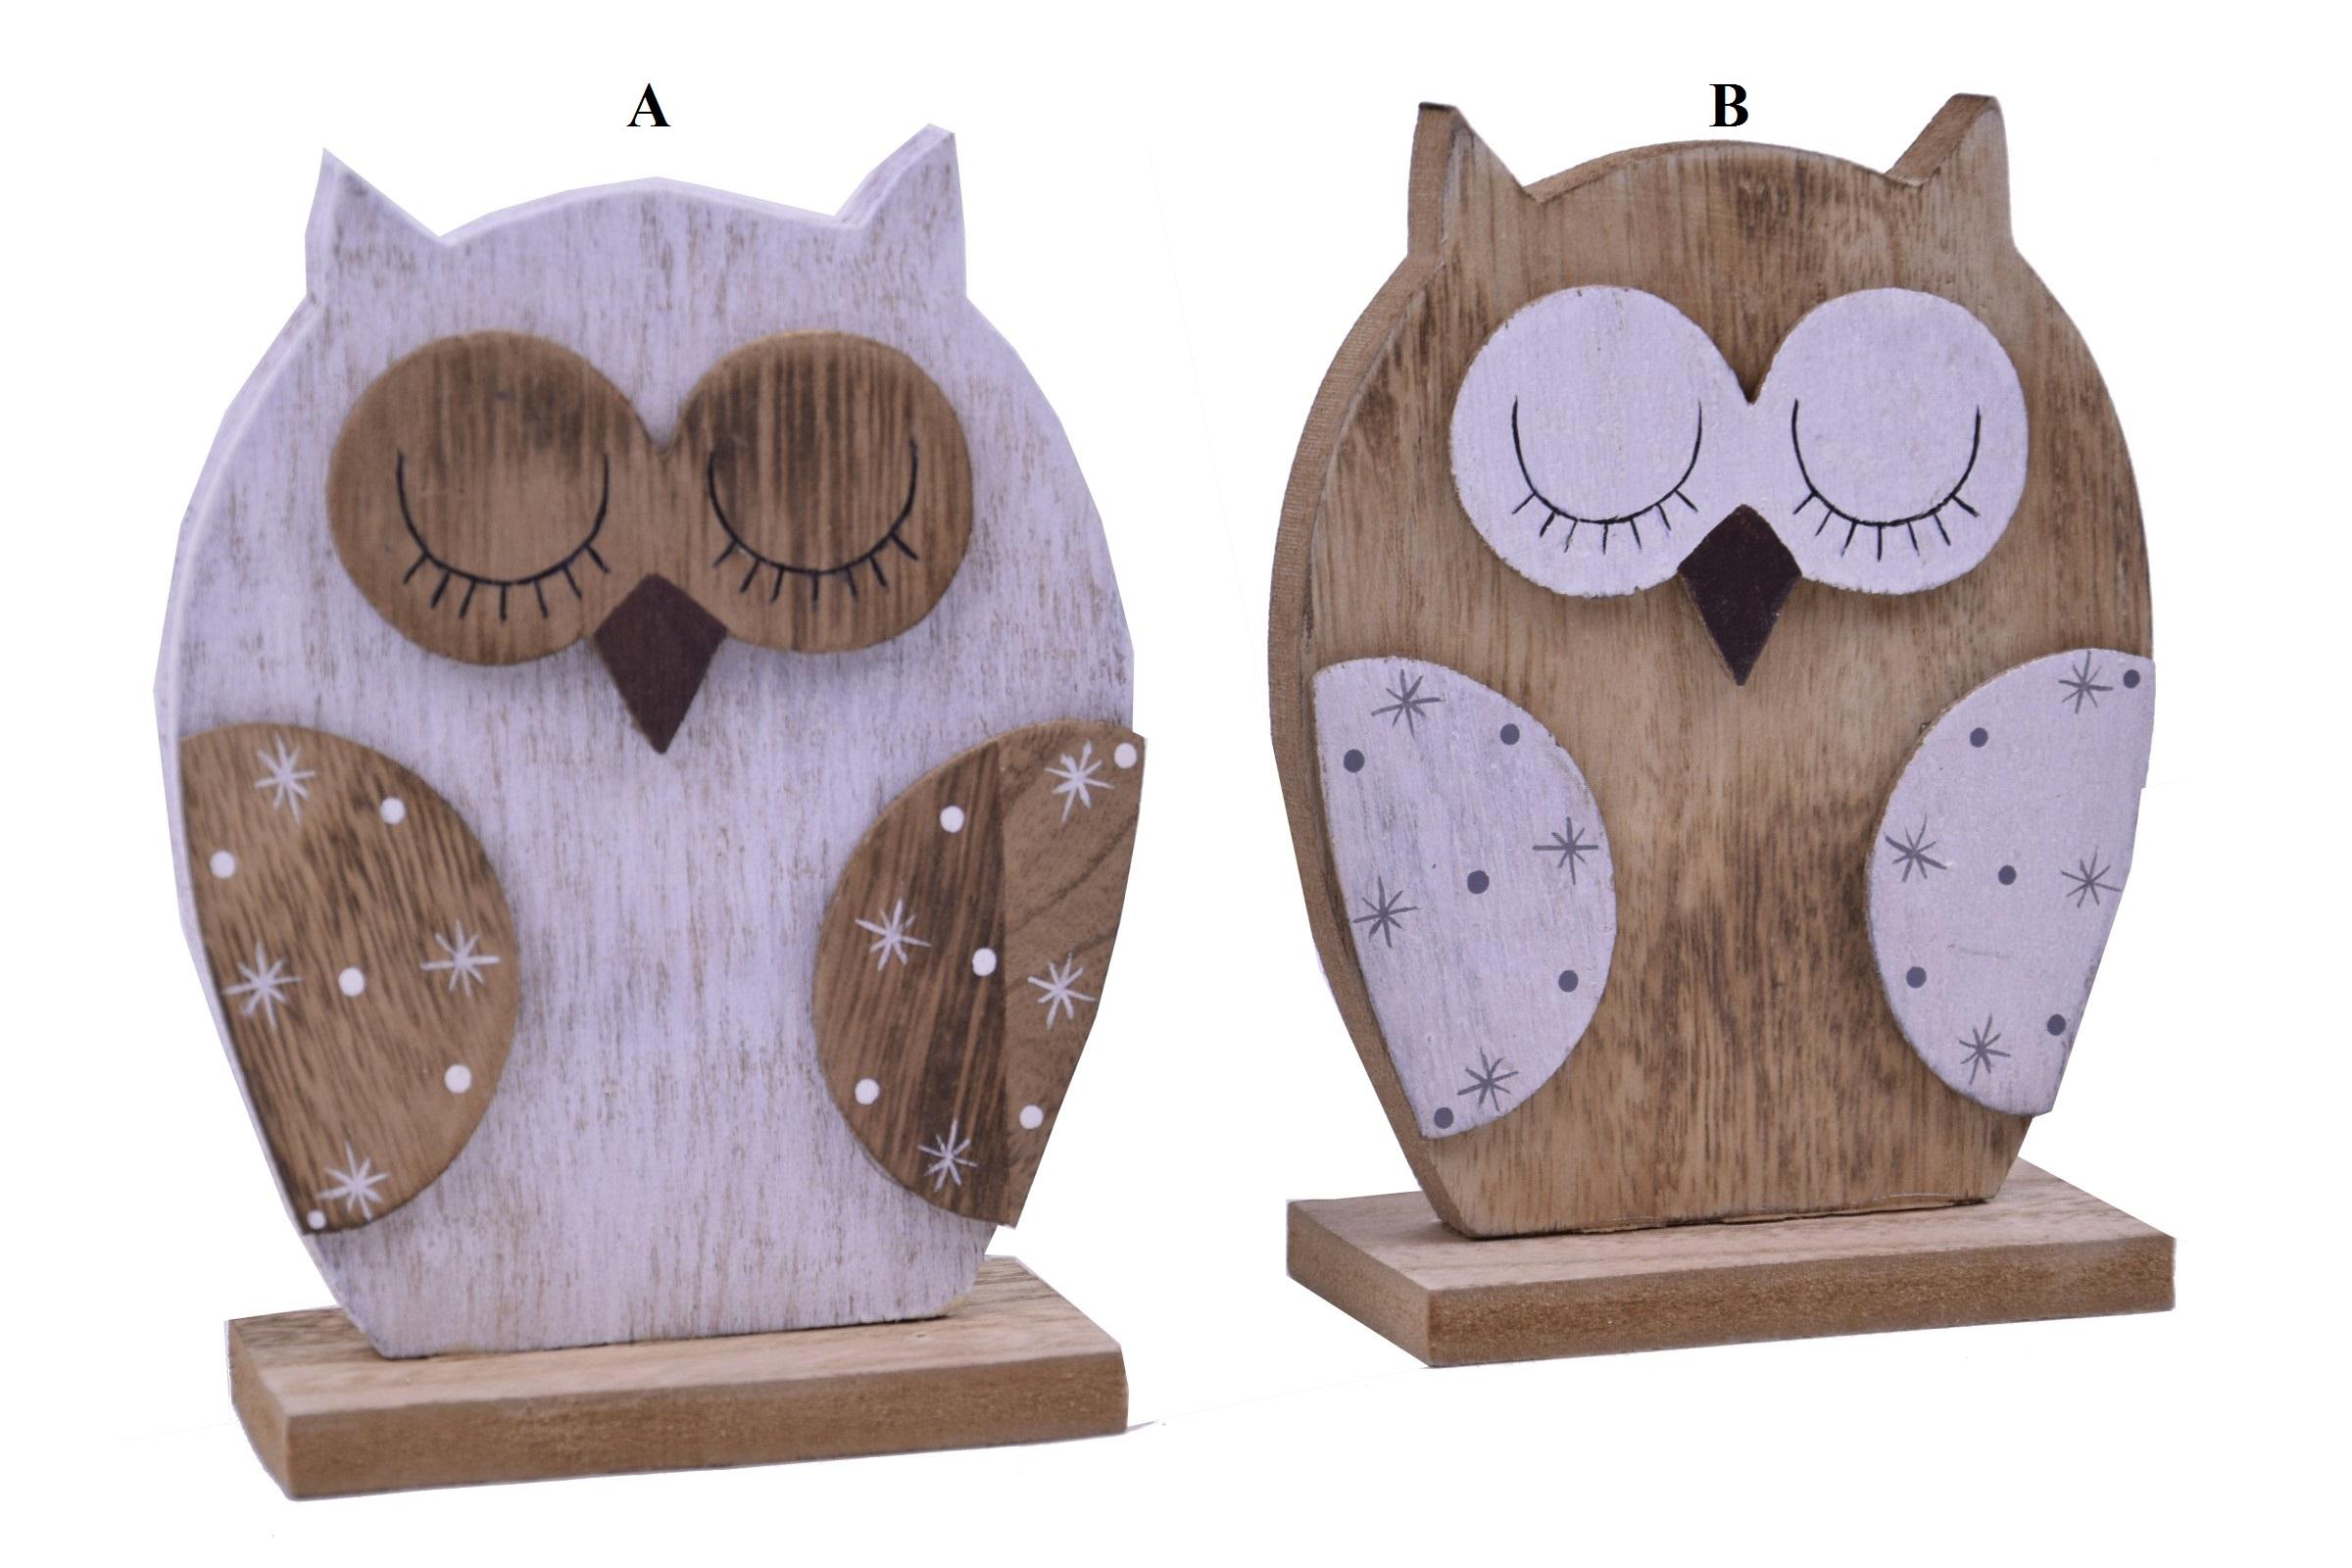 Dřevěná dekorační sova 11x15x5cm Provedení: A